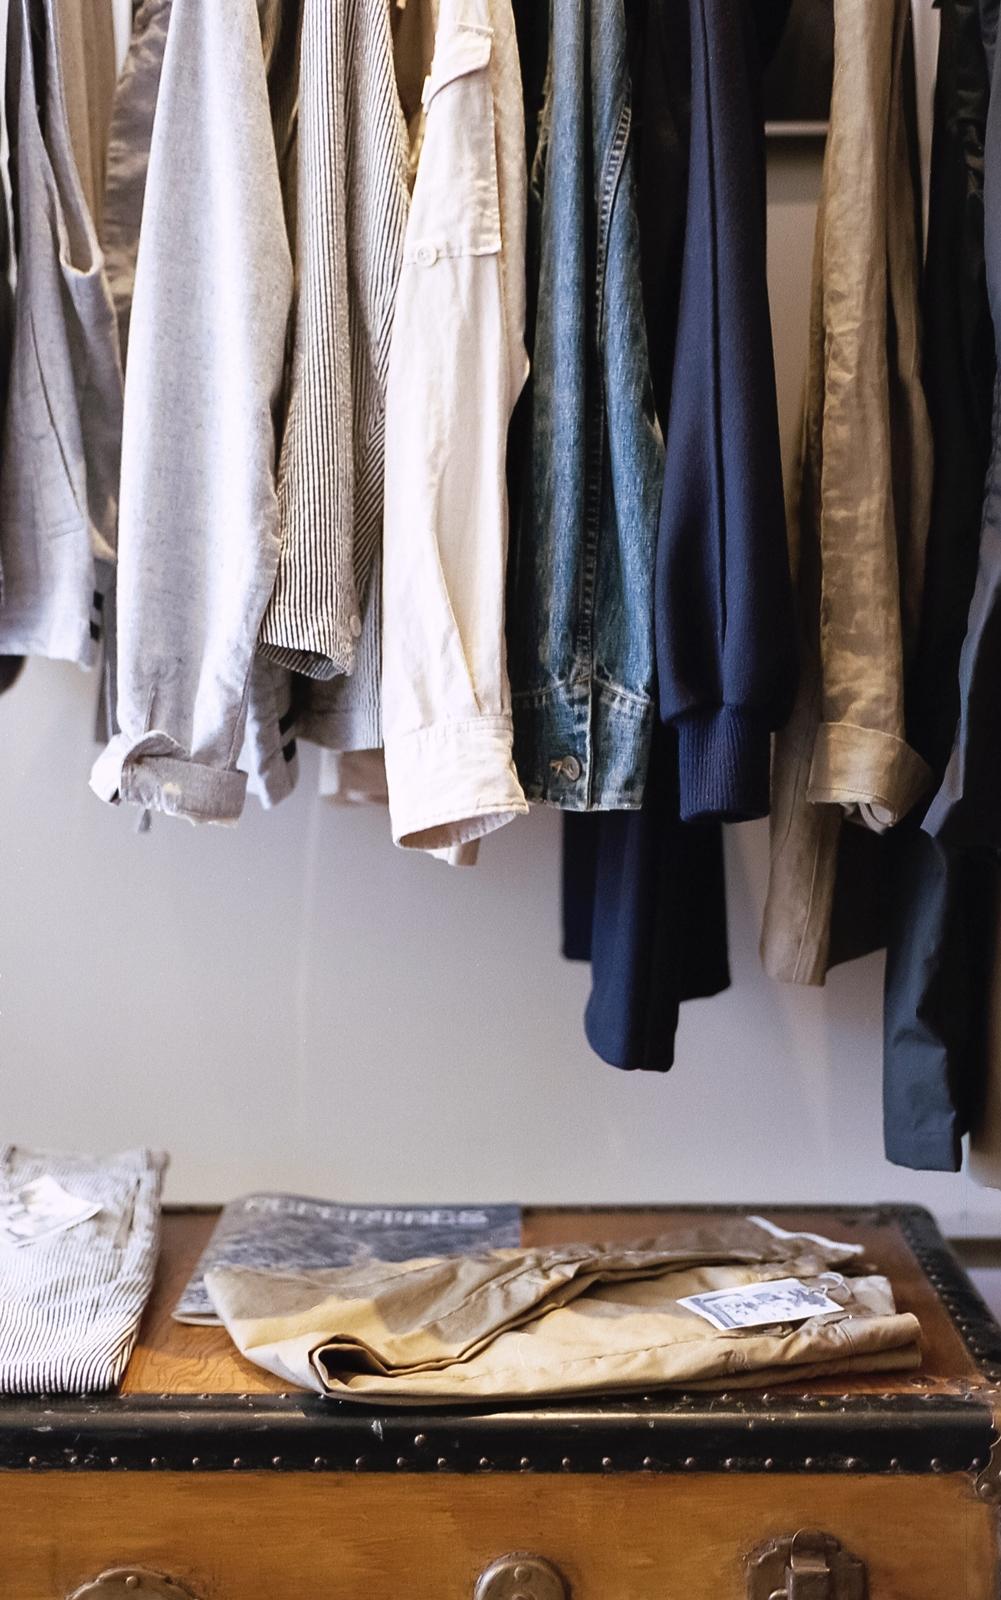 kleiderschrank ausmisten die besten tipps tricks fashionladyloves. Black Bedroom Furniture Sets. Home Design Ideas